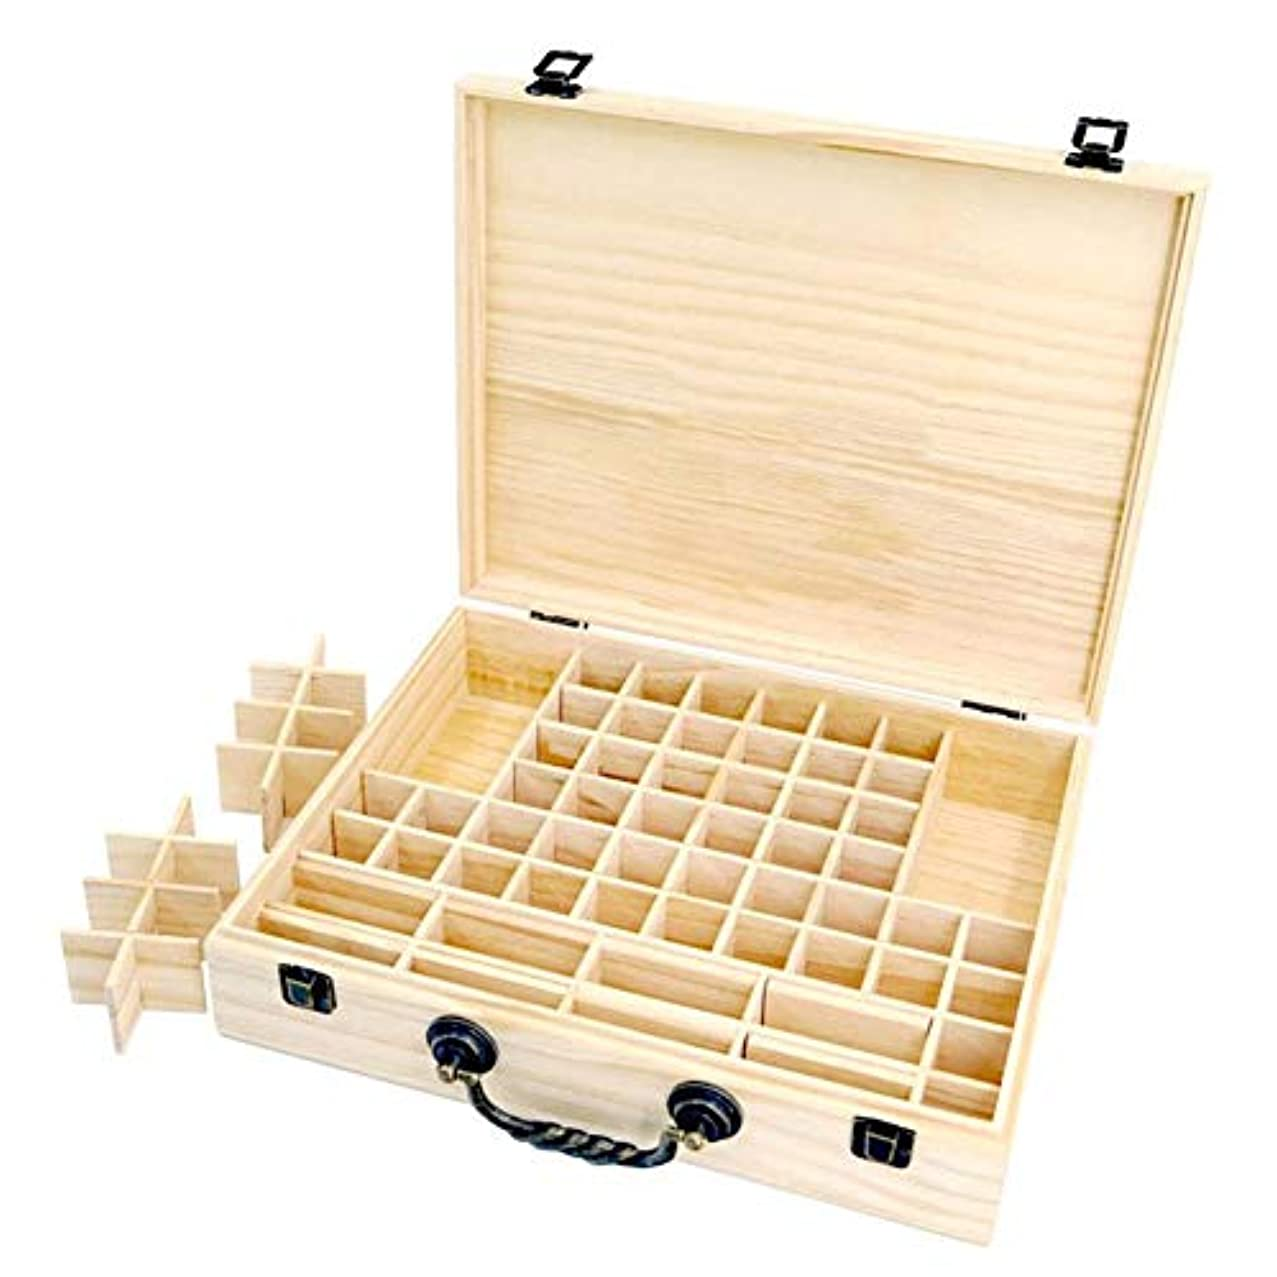 同性愛者不調和大工エッセンシャルオイル収納ボックス 収納ケース 保存ボックス パイン製 取り外し可能なメッシュ 70グリッド 持ち運び便利 junexi